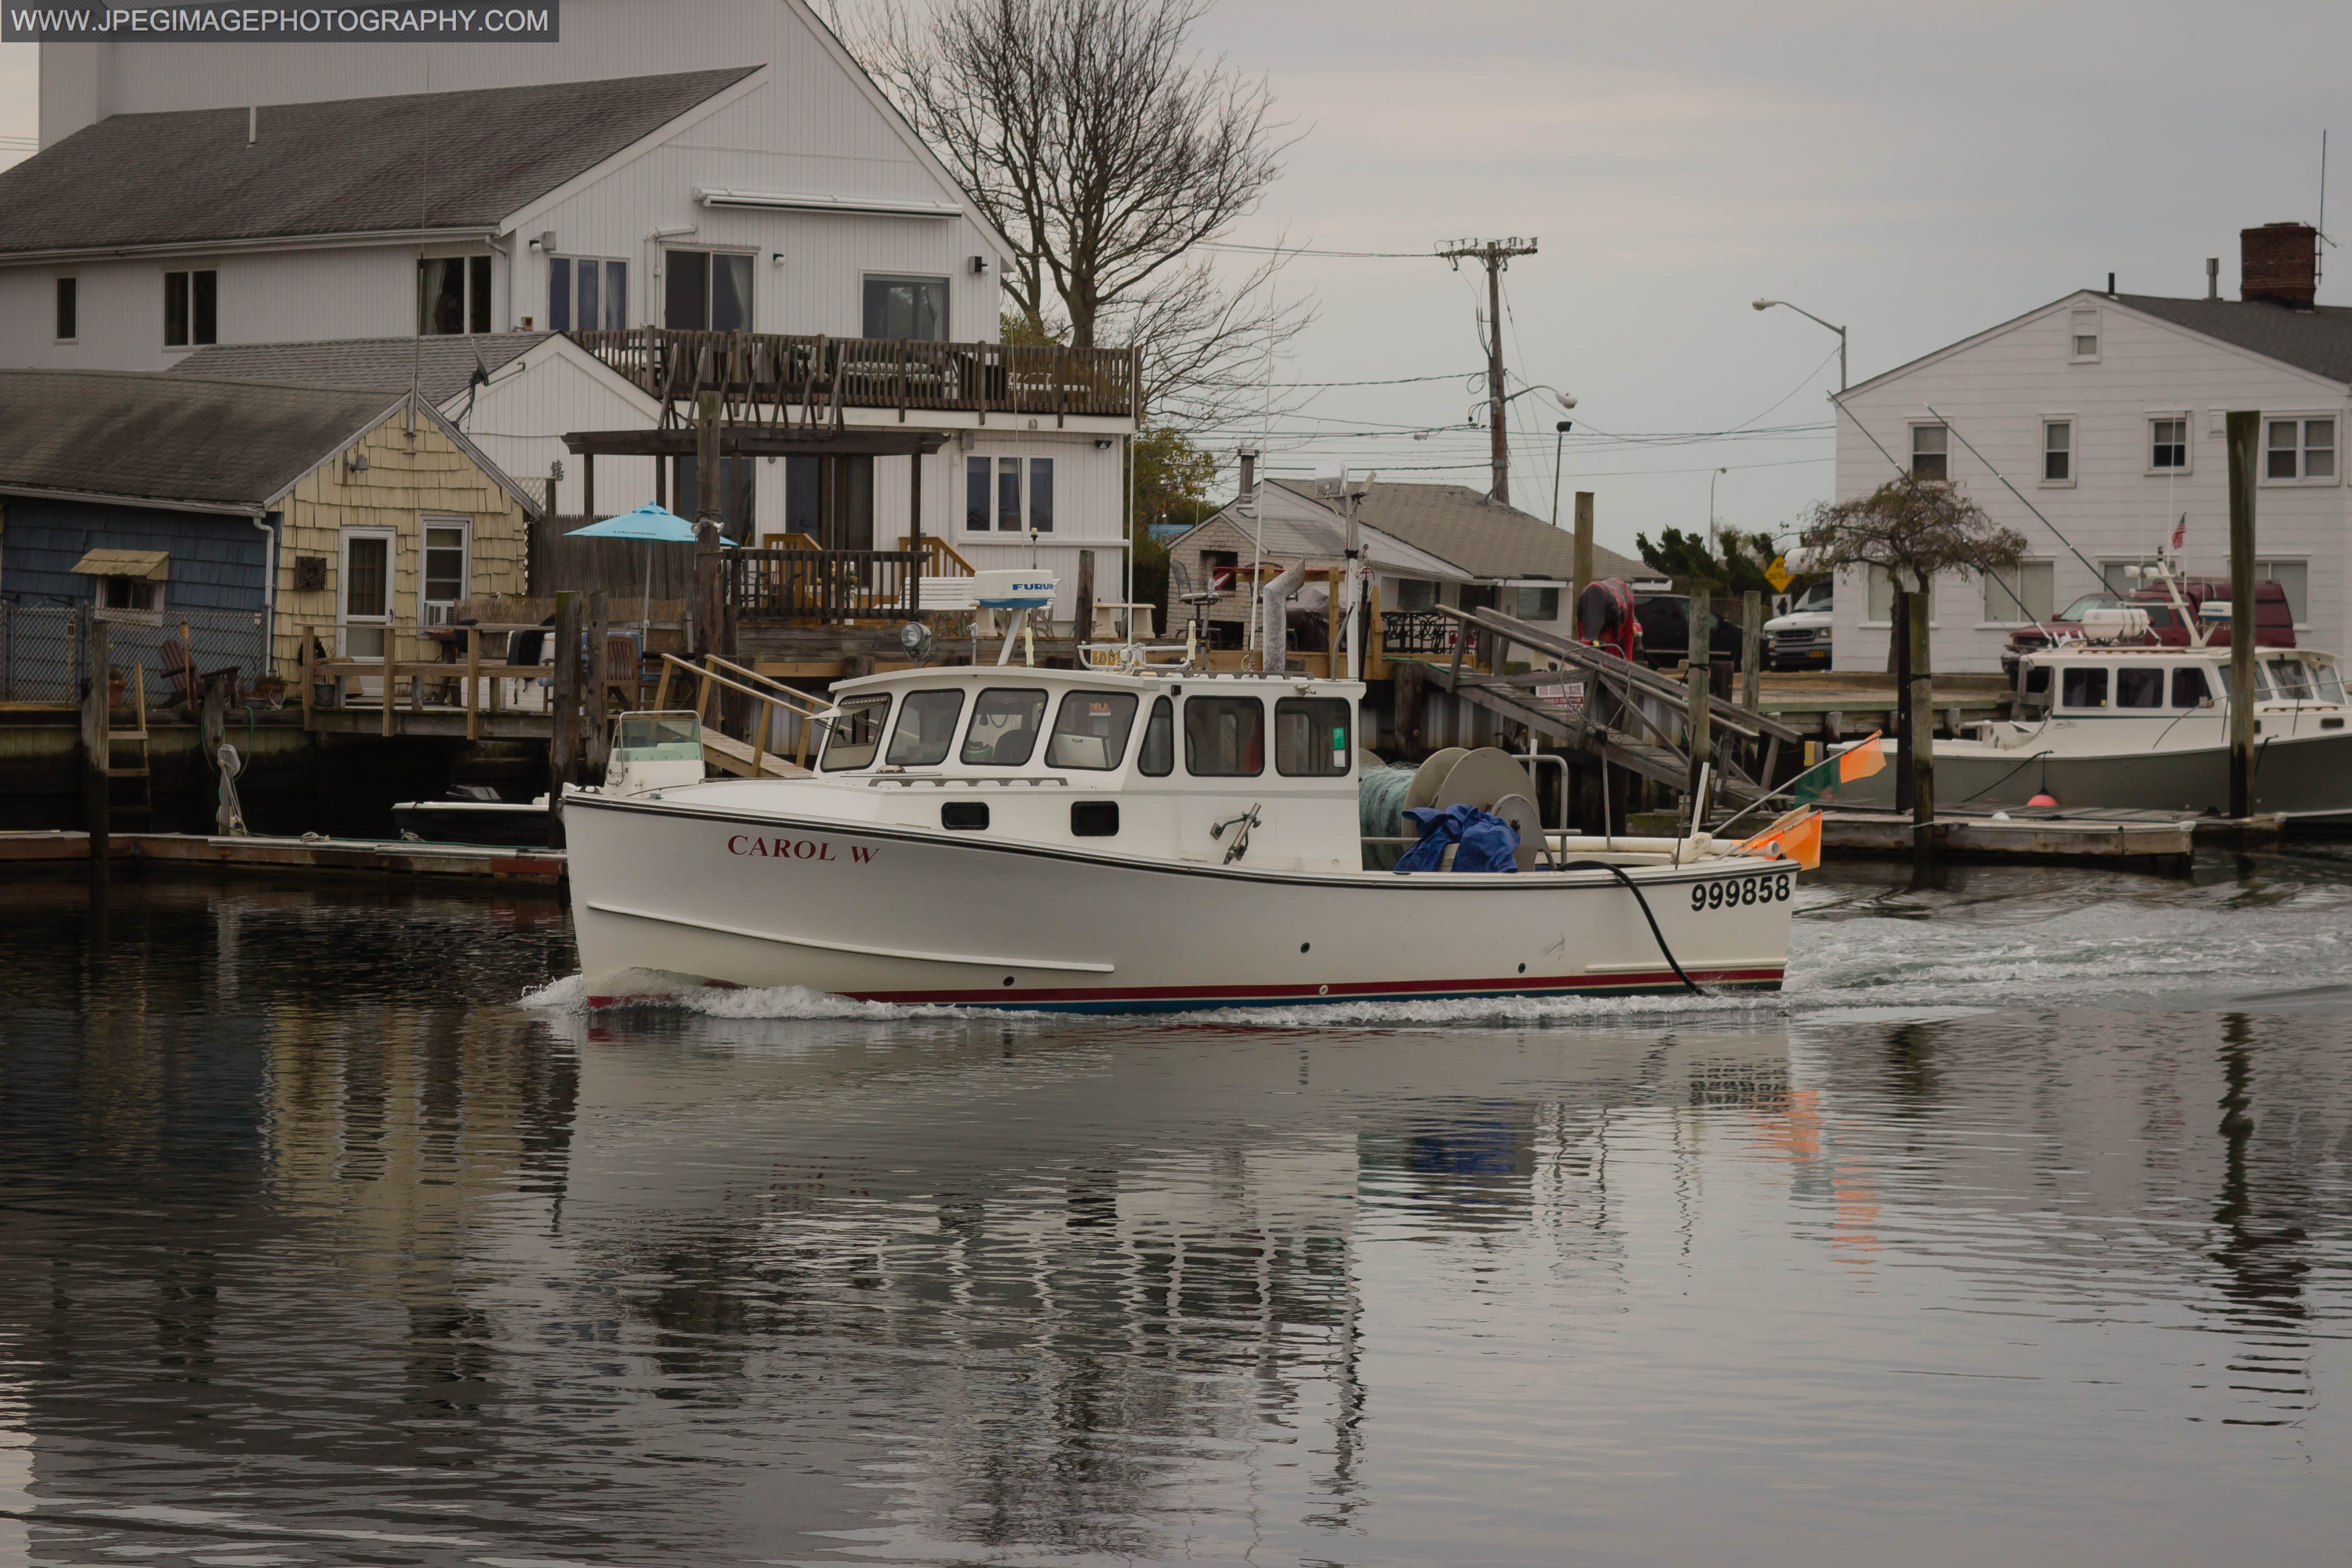 Photowalk of freeport new york jpeg image photography for Freeport fishing boats